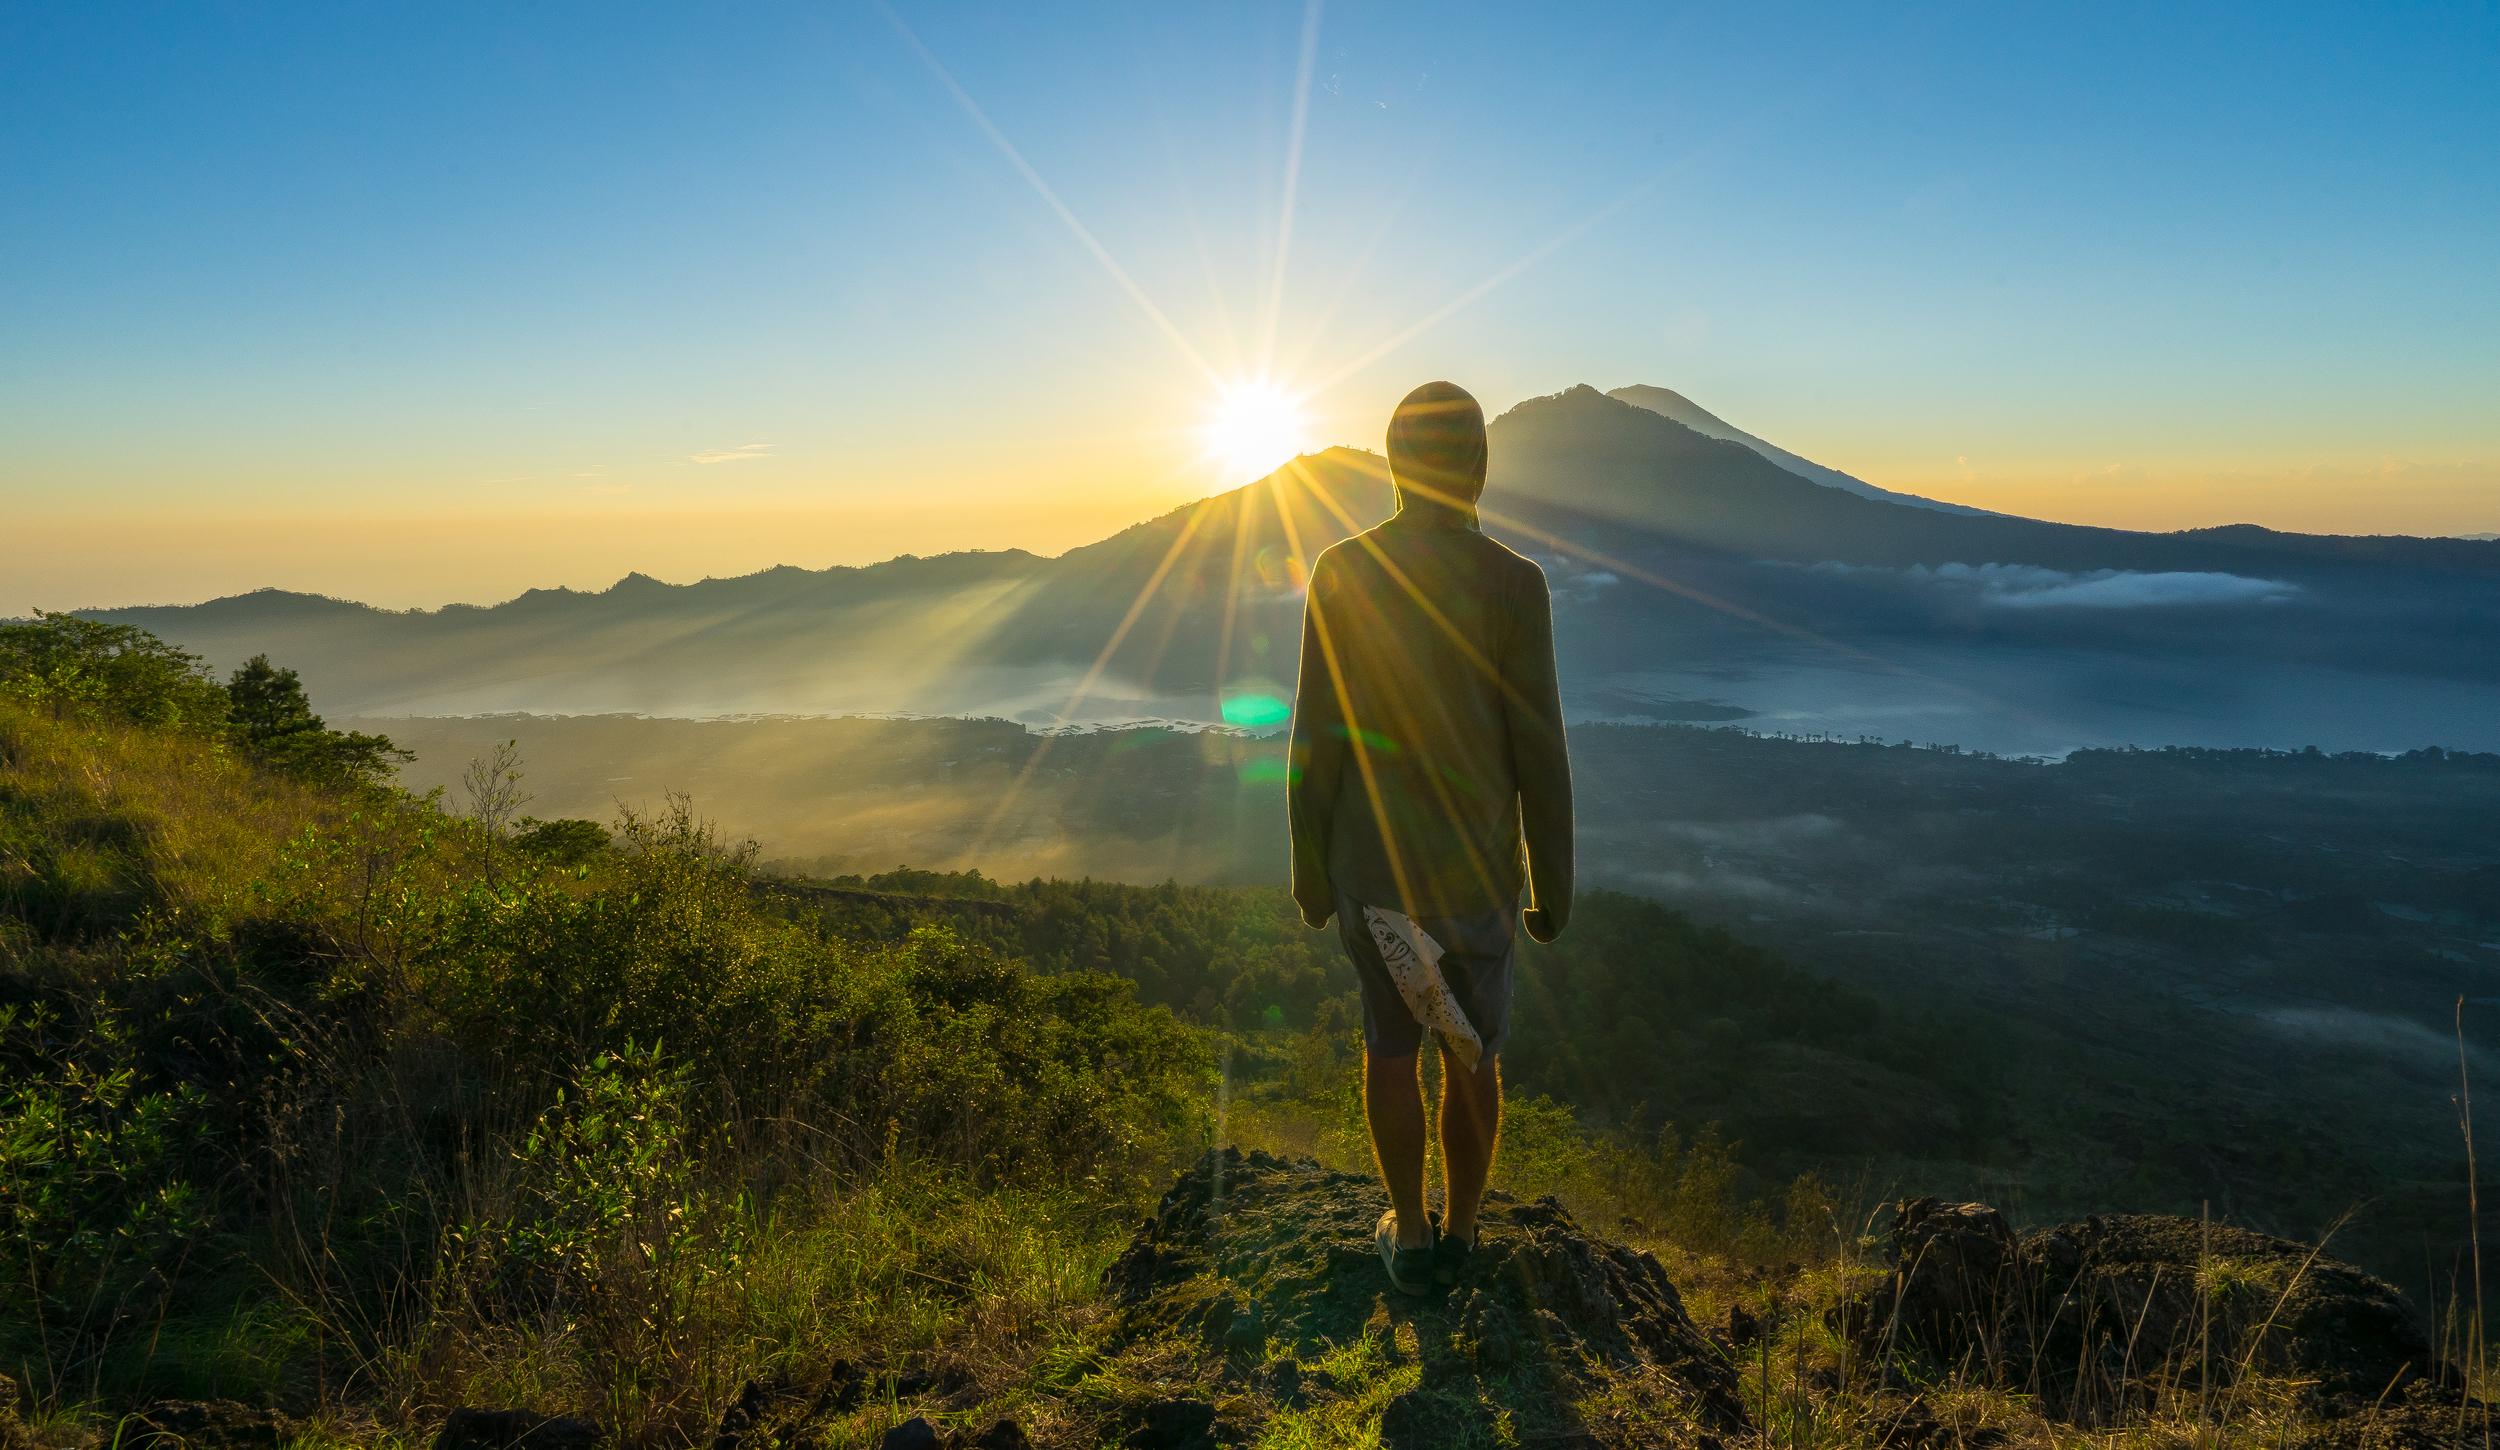 THE SUMMIT OF MT. BATUR, UBUD, INDONESIA